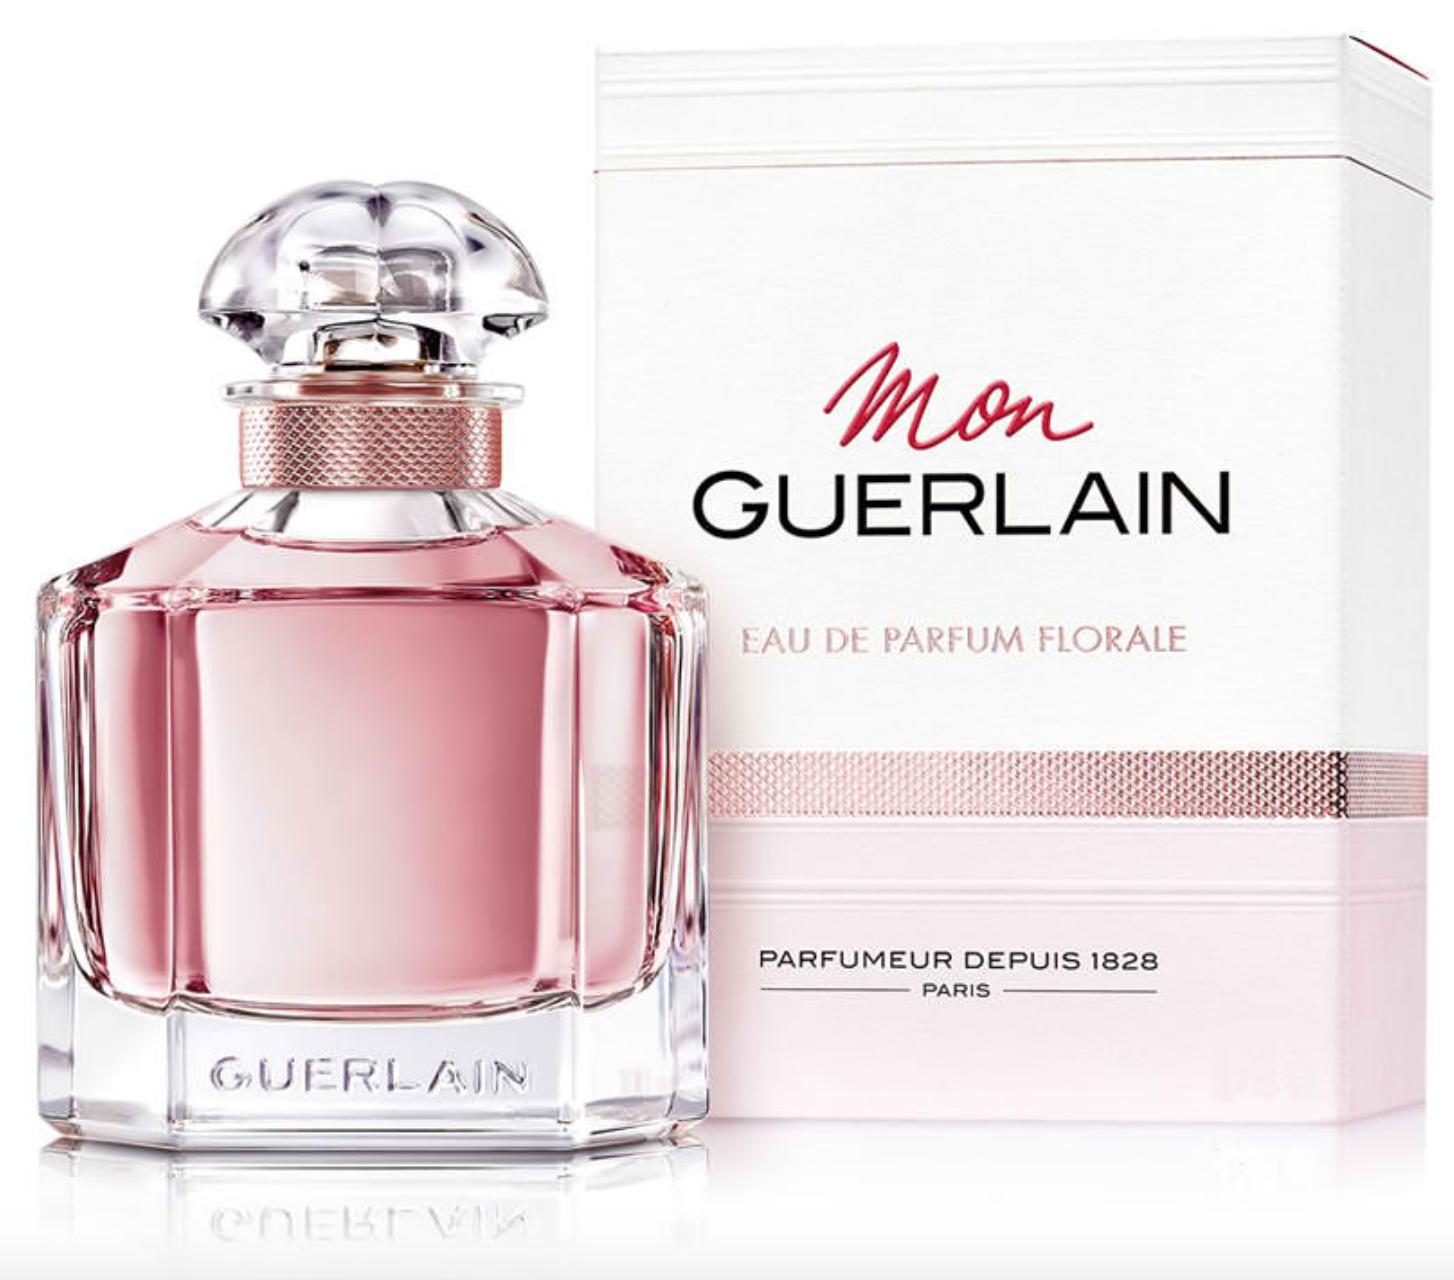 Guerlain Mon Guerlain Eau De Parfum Florale Review A Fragrance